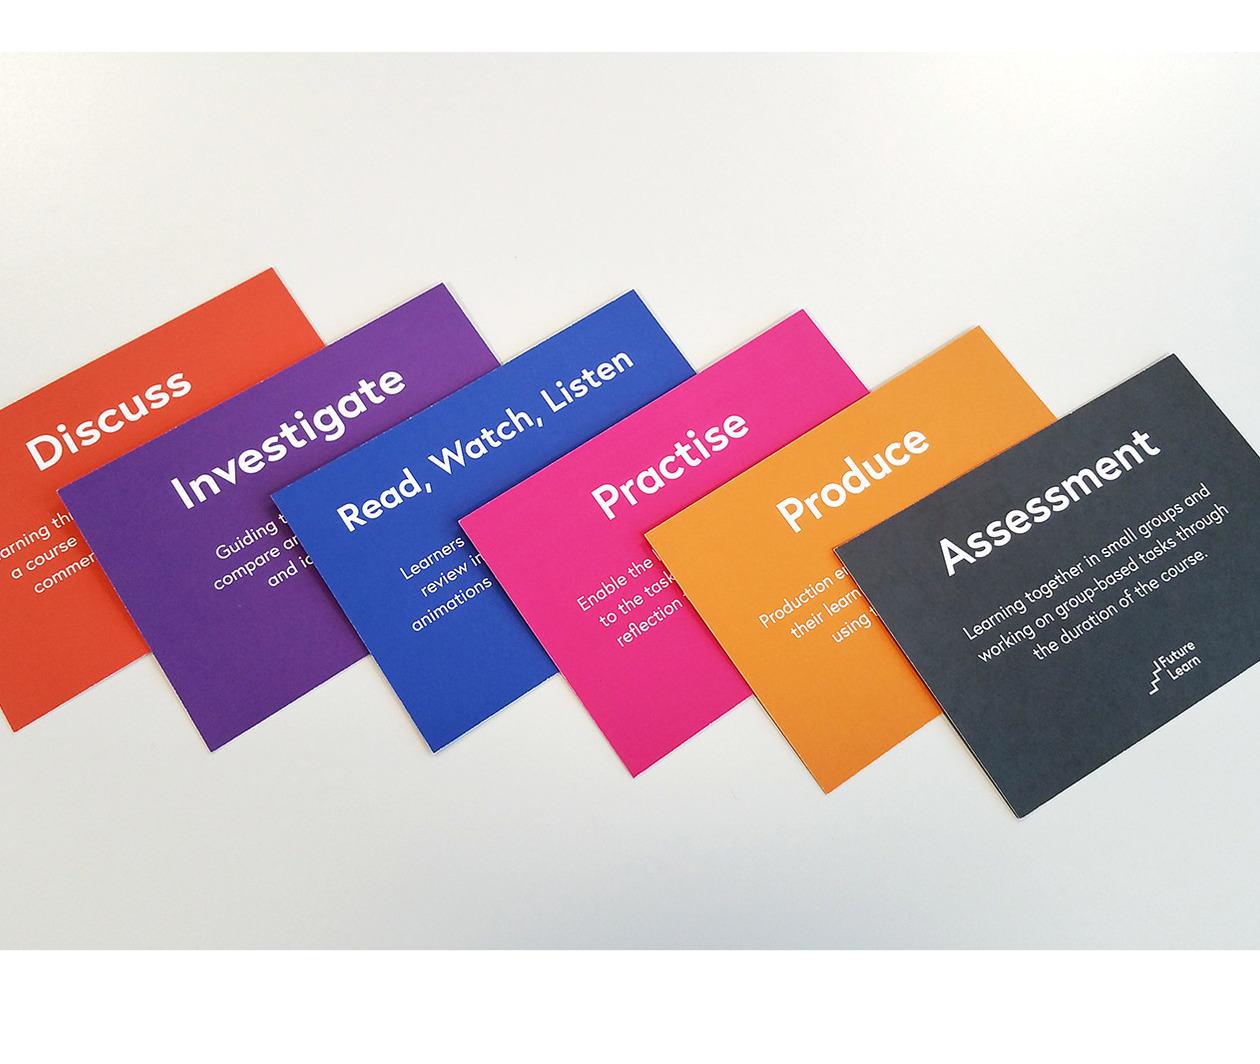 Learning Design Practice – Jan '21